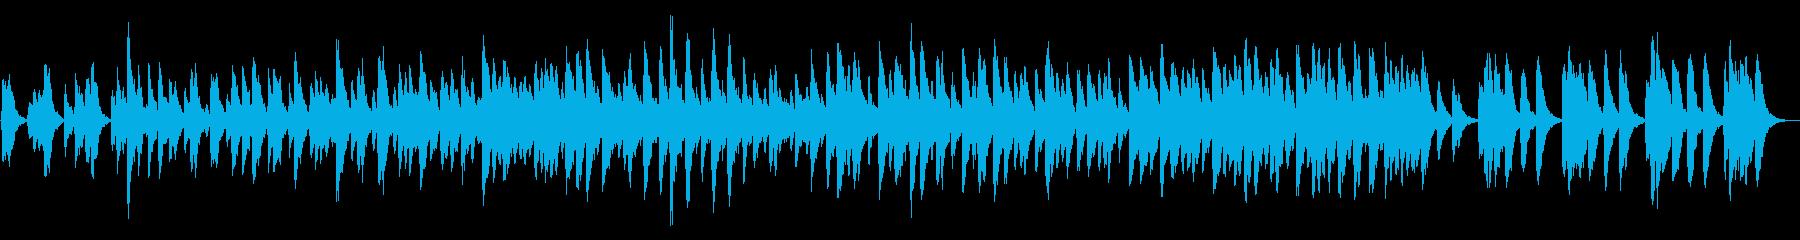 スタッカート弦アンサンブルは、堂々...の再生済みの波形